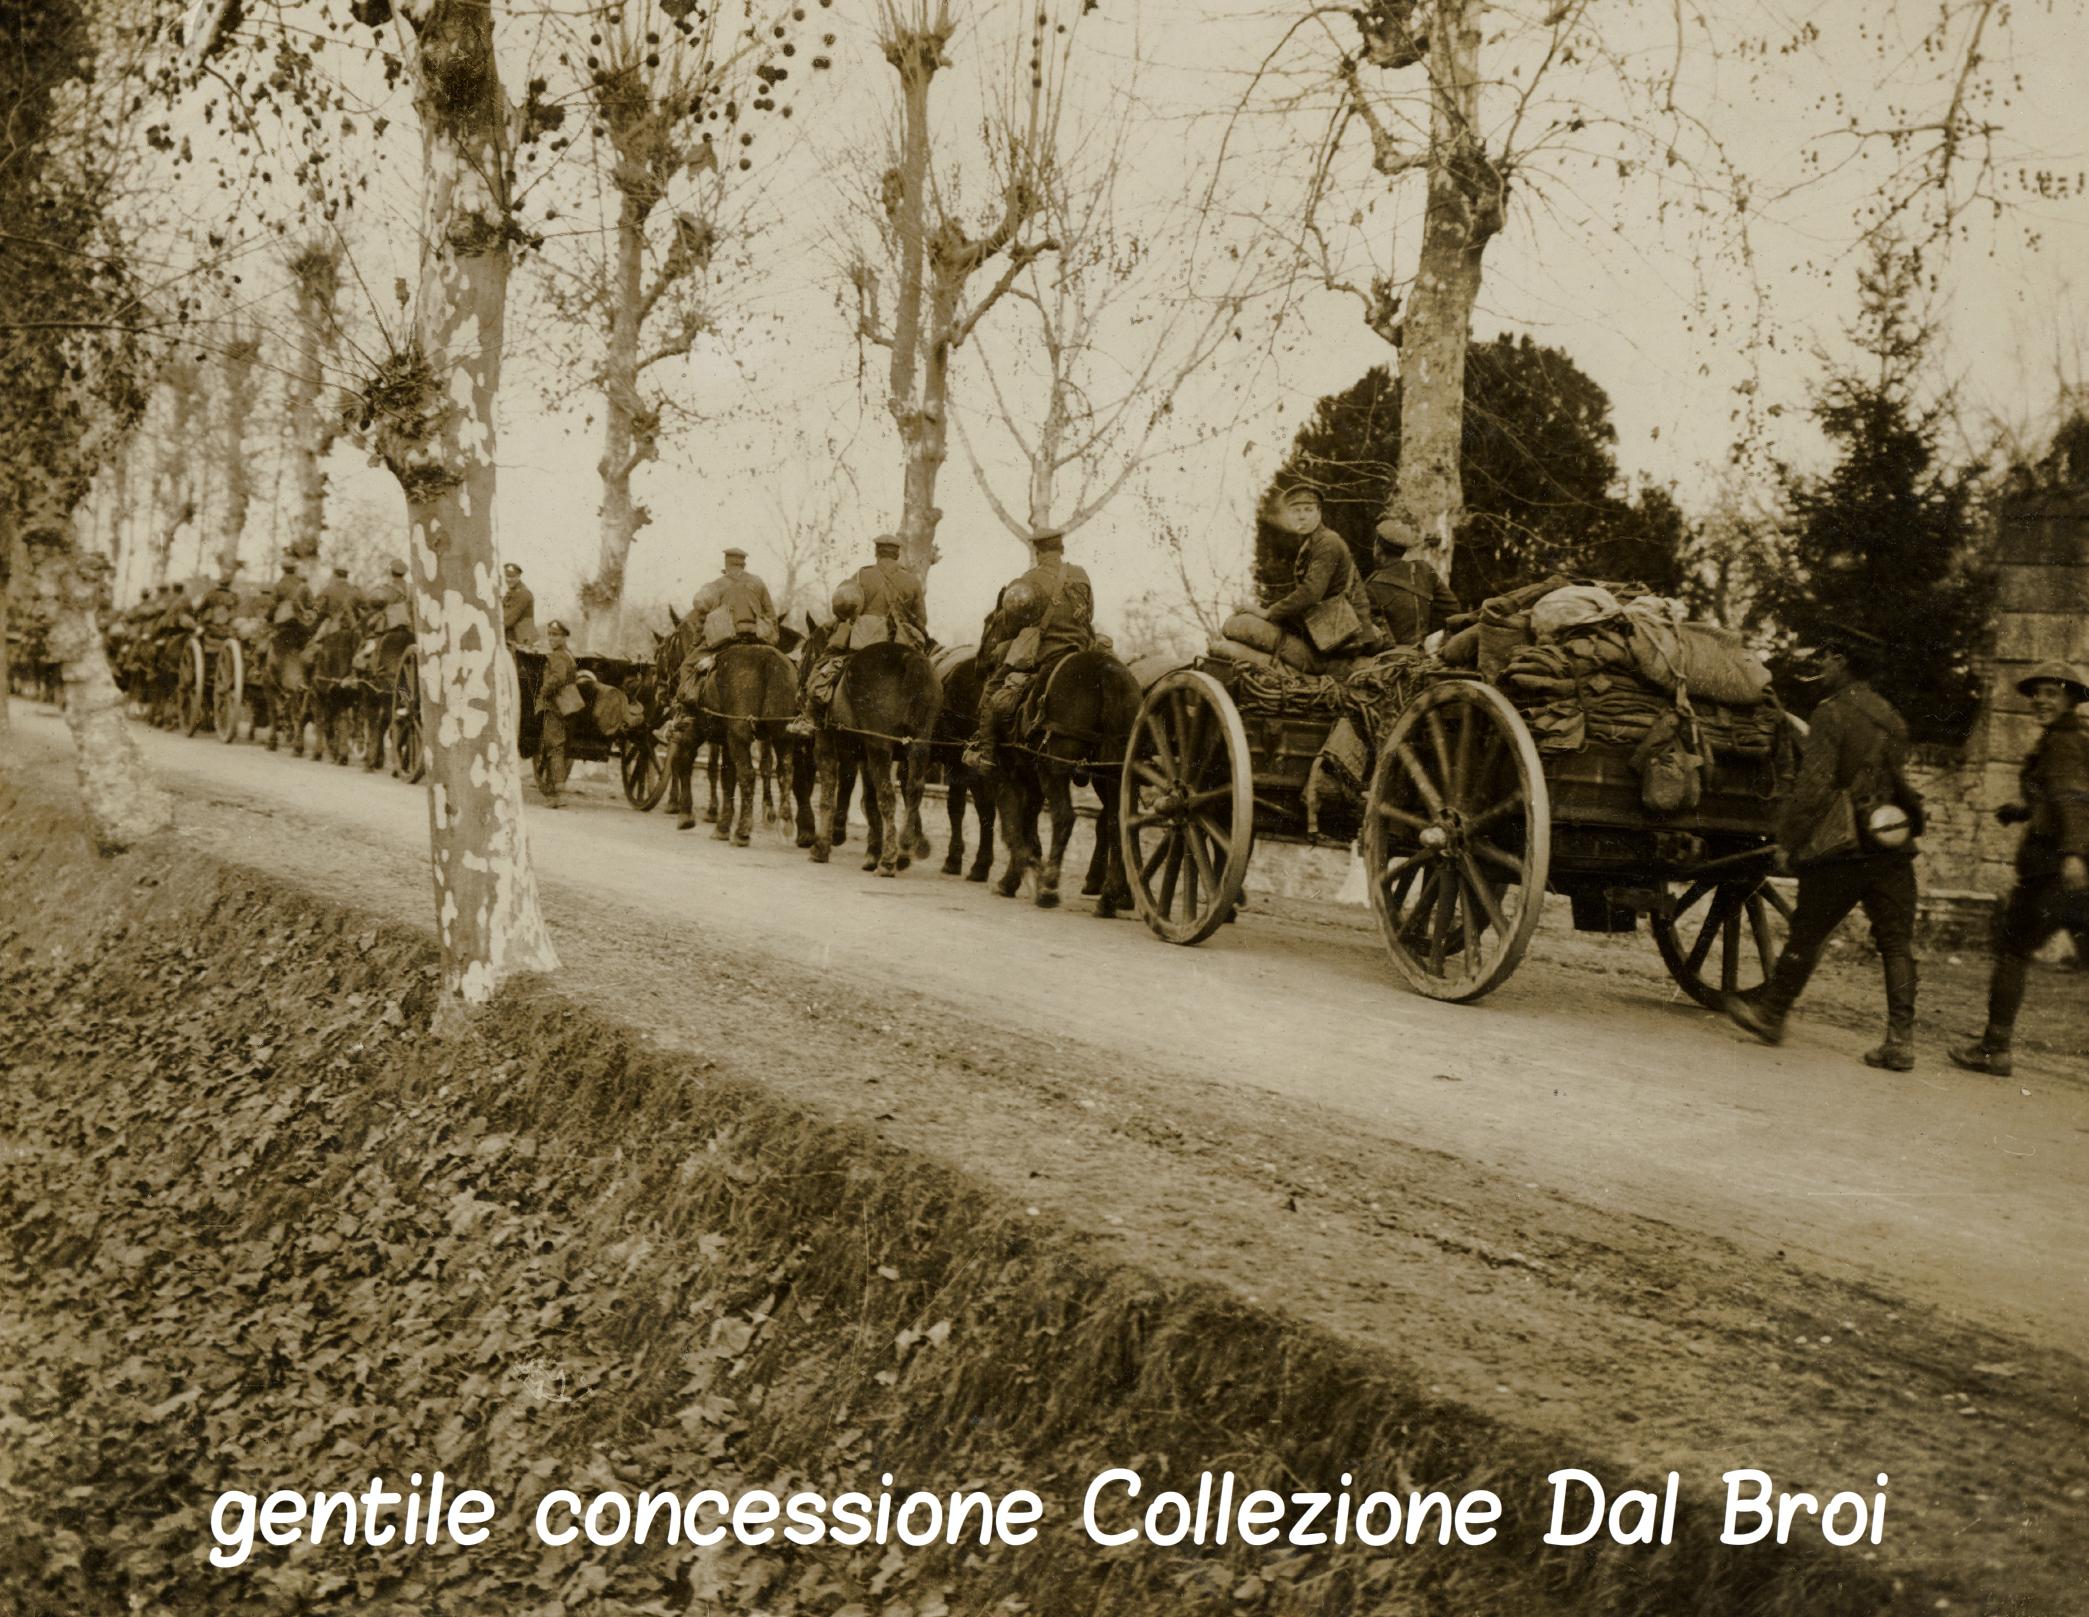 06 - artiglieria in transito in zona Piave (ASDM - coll dal broi) (c).jpg